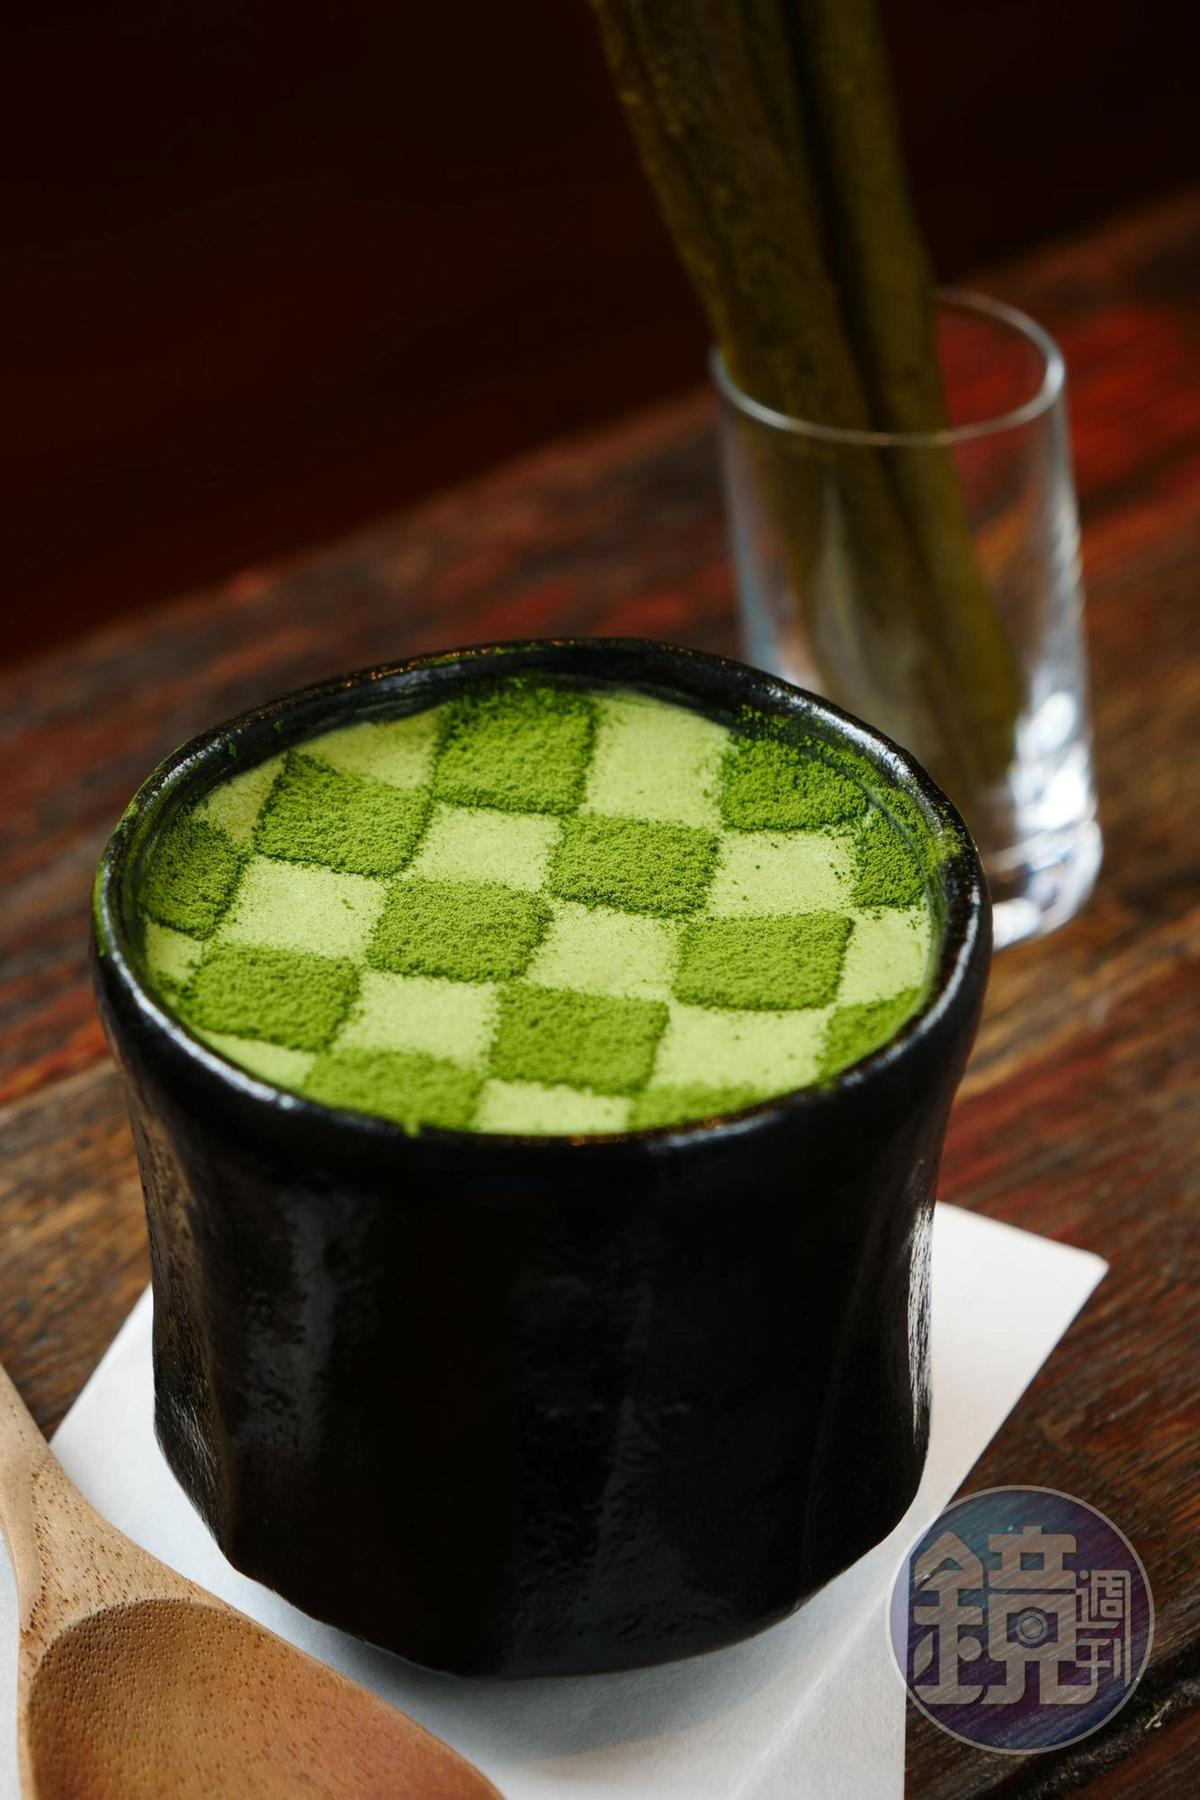 「抹茶提拉米蘇」格紋狀飾面的靈感來自京都東福寺裡的青苔,幼綿提拉米蘇裡有手沖咖啡製成的咖啡凍。(280元/份,忠孝店限定)